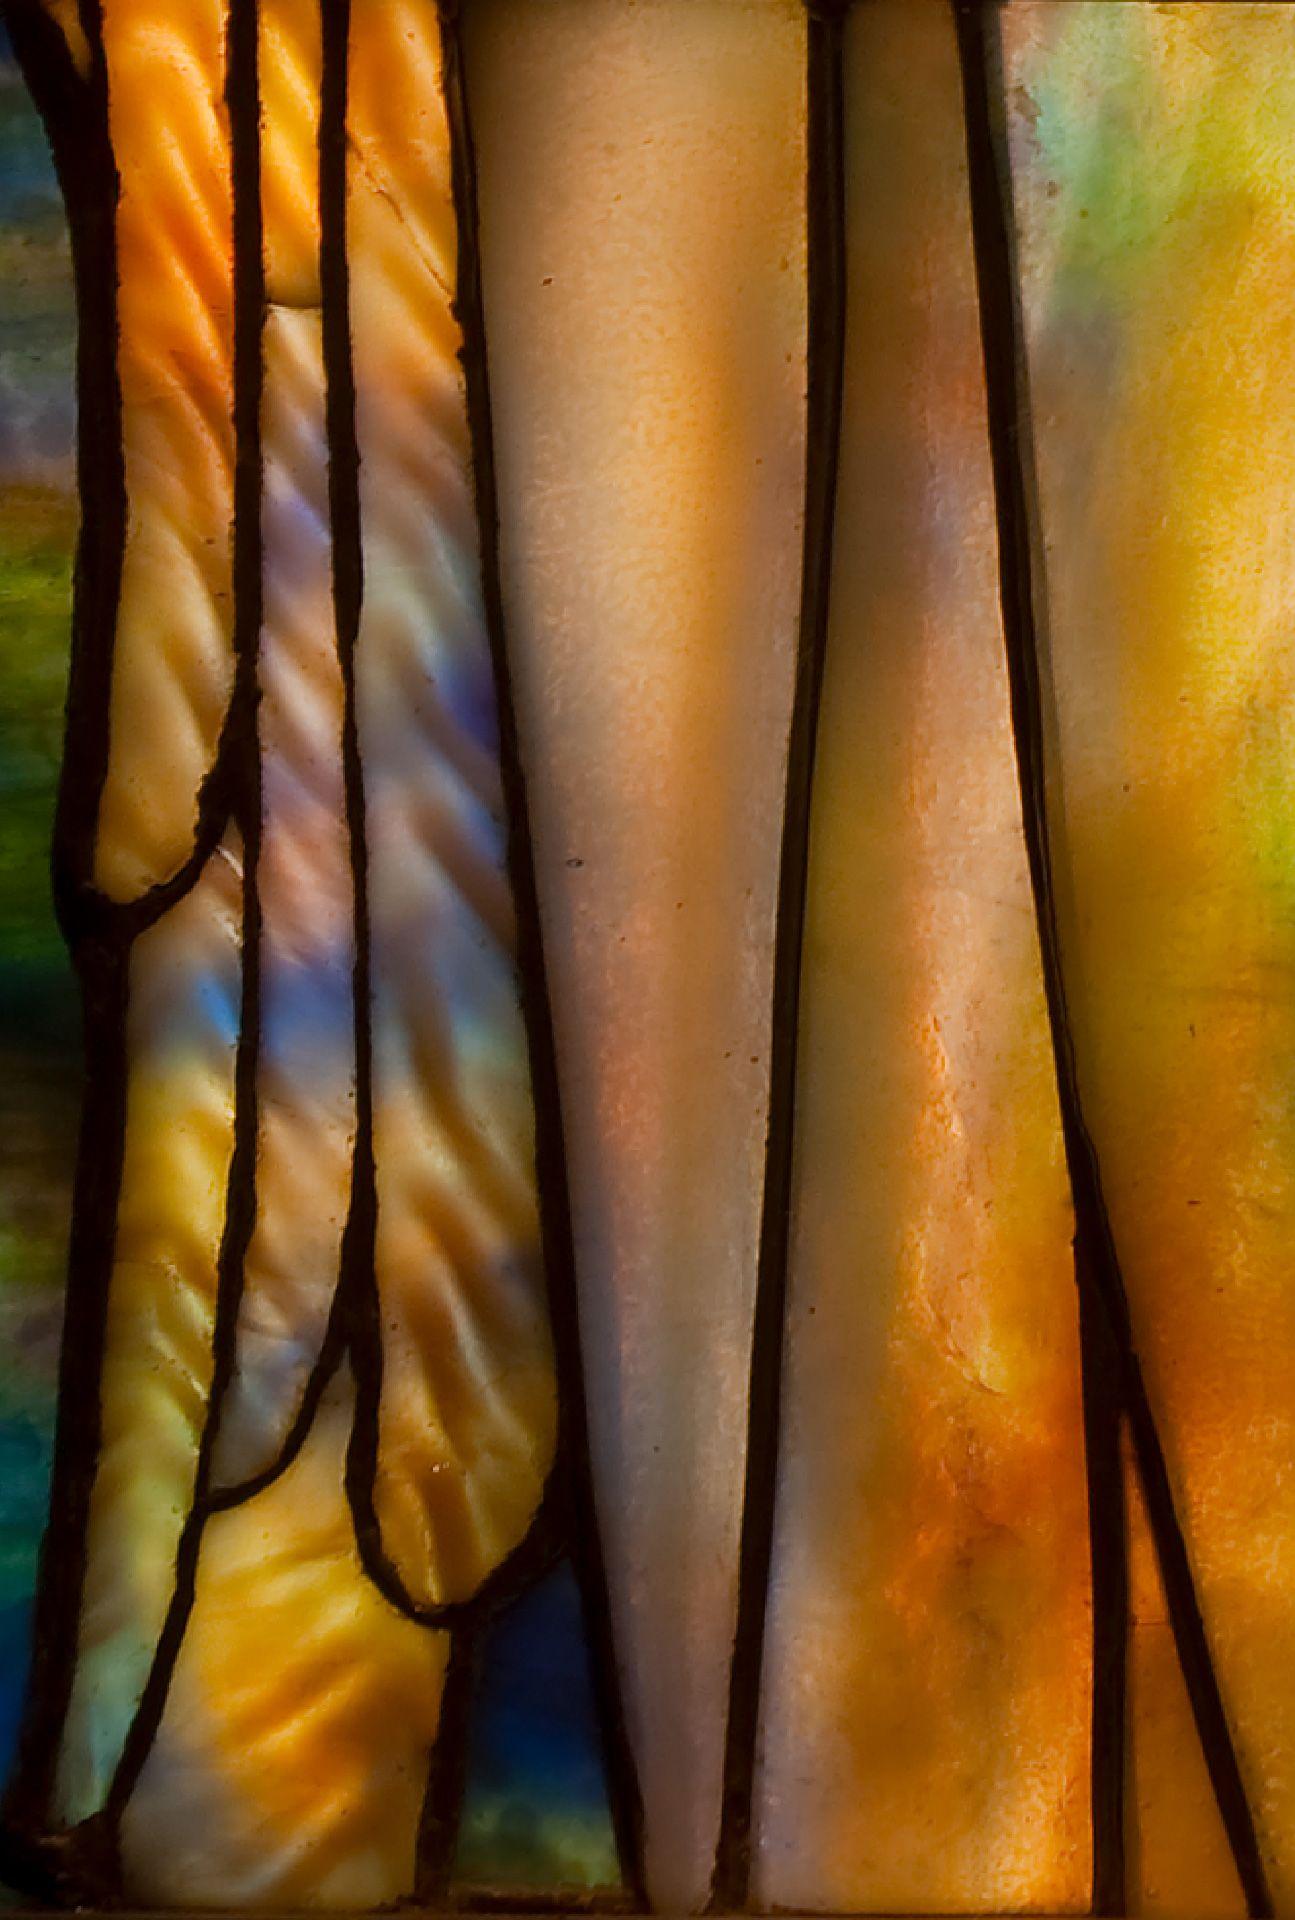 détail du vitrail L'Ange de gloire de Louis Comfort Tiffany, 1902